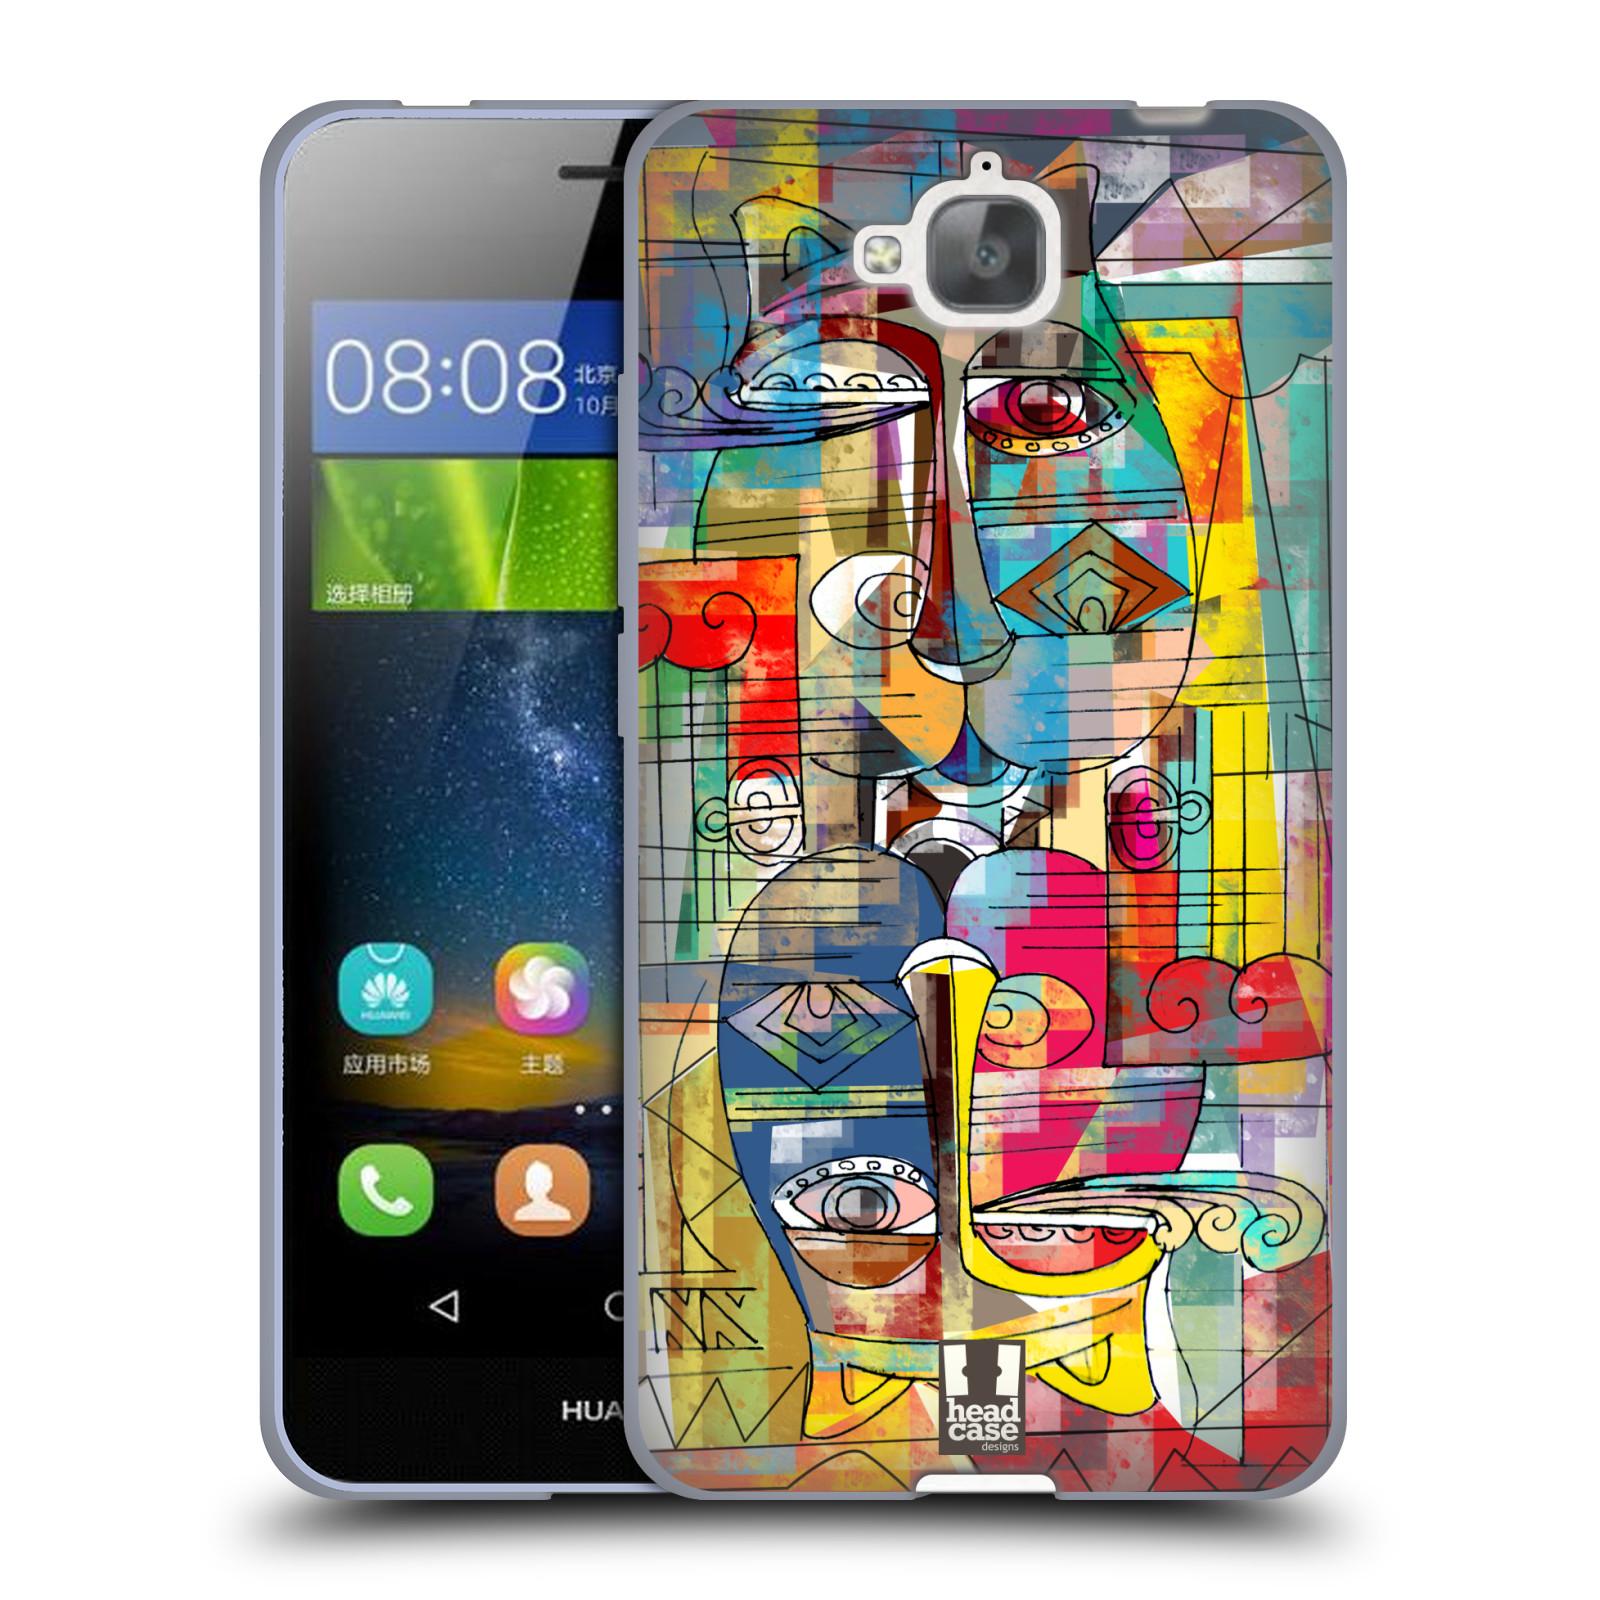 Silikonové pouzdro na mobil Huawei Y6 Pro Dual Sim HEAD CASE AZTEC MANX